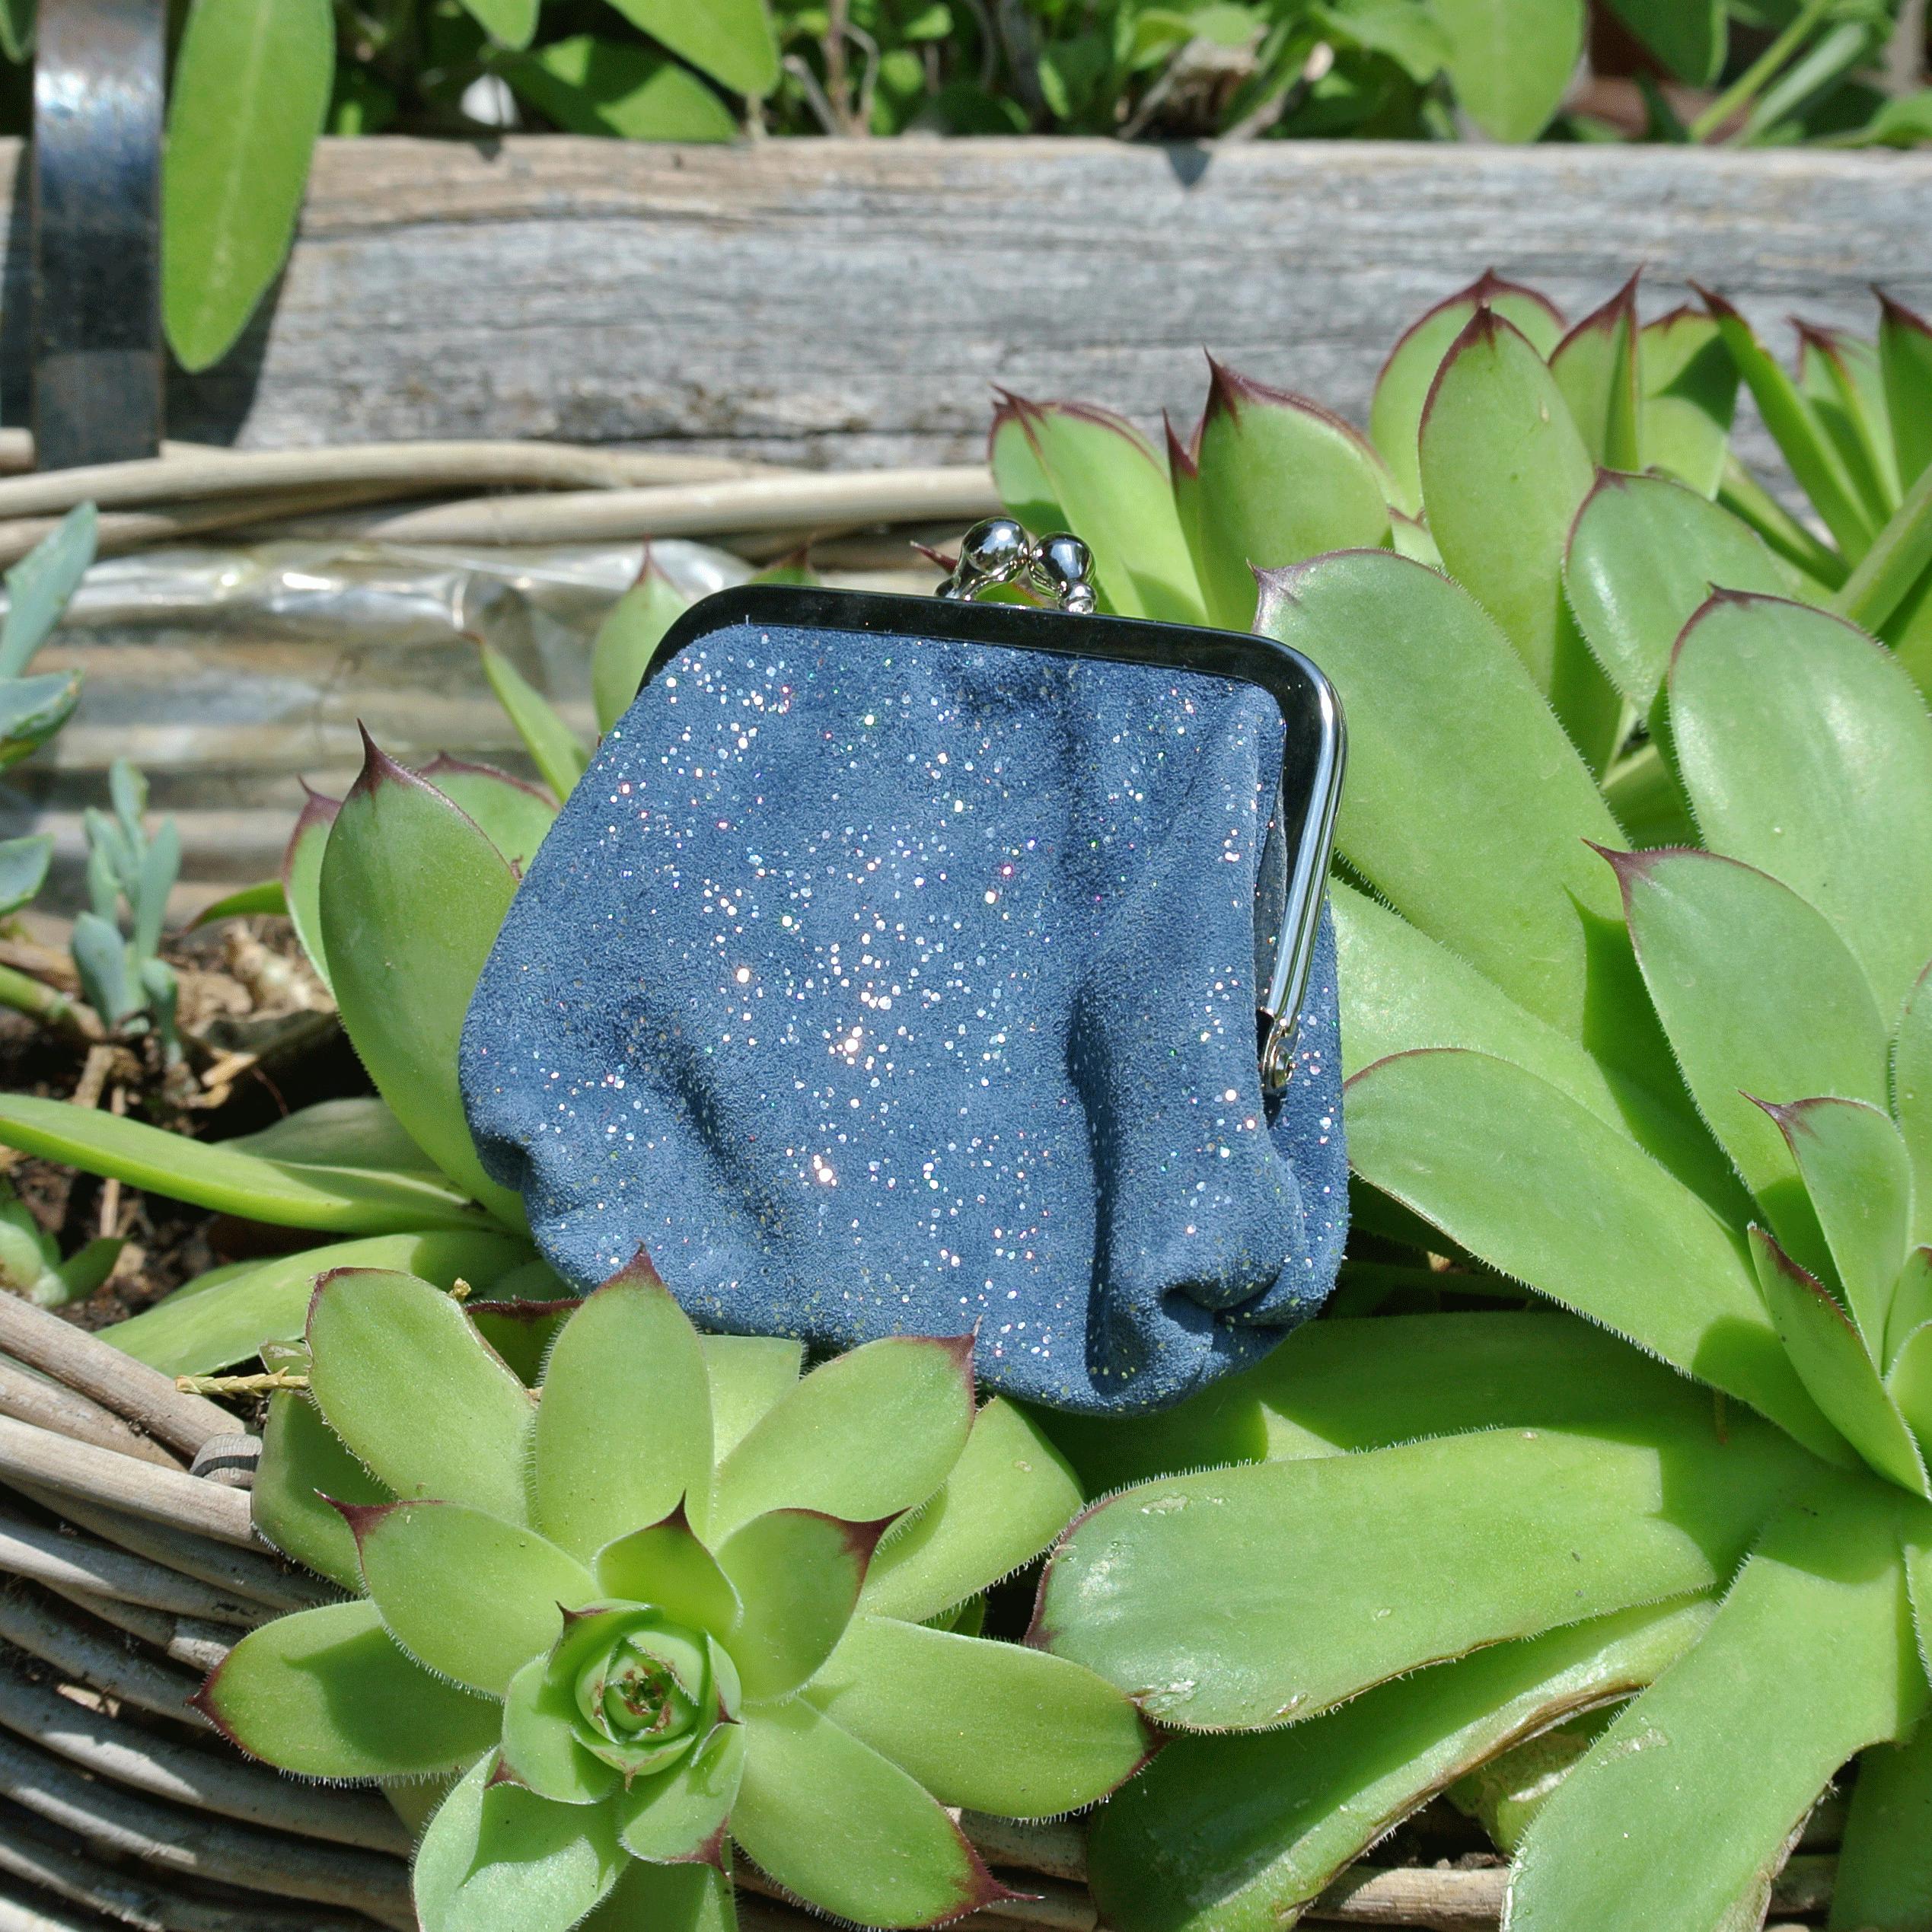 la-cartabliere-fabrique-en-france-made-in-france-porte-monnaie-reine-en-cuir-paillete-bleu-lapiz-lazulli